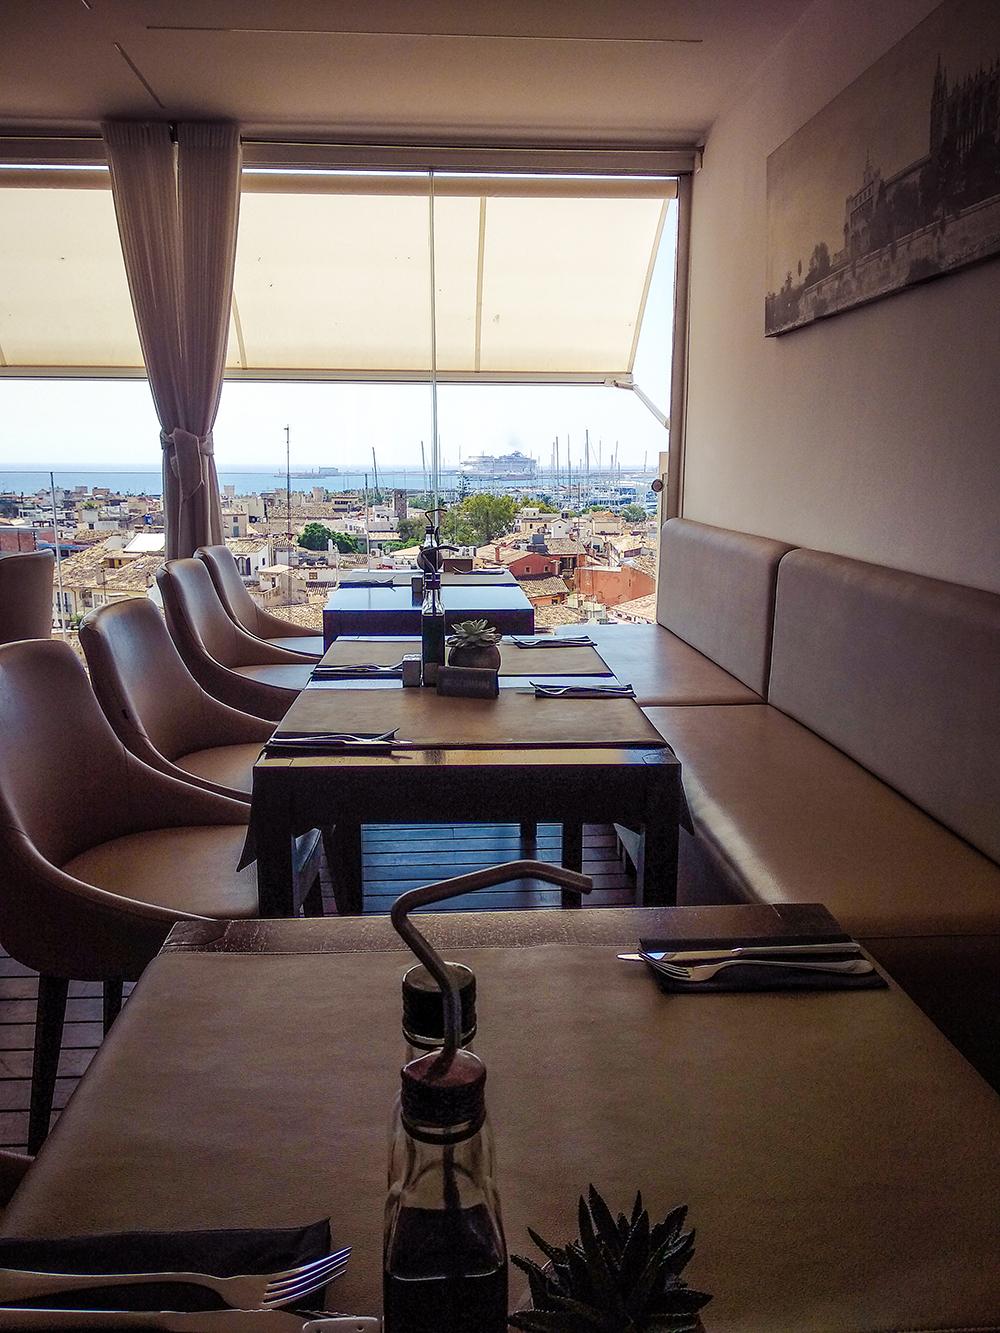 Mallorca-Palma-Sky-Bar-Hotel-Almudaina-3